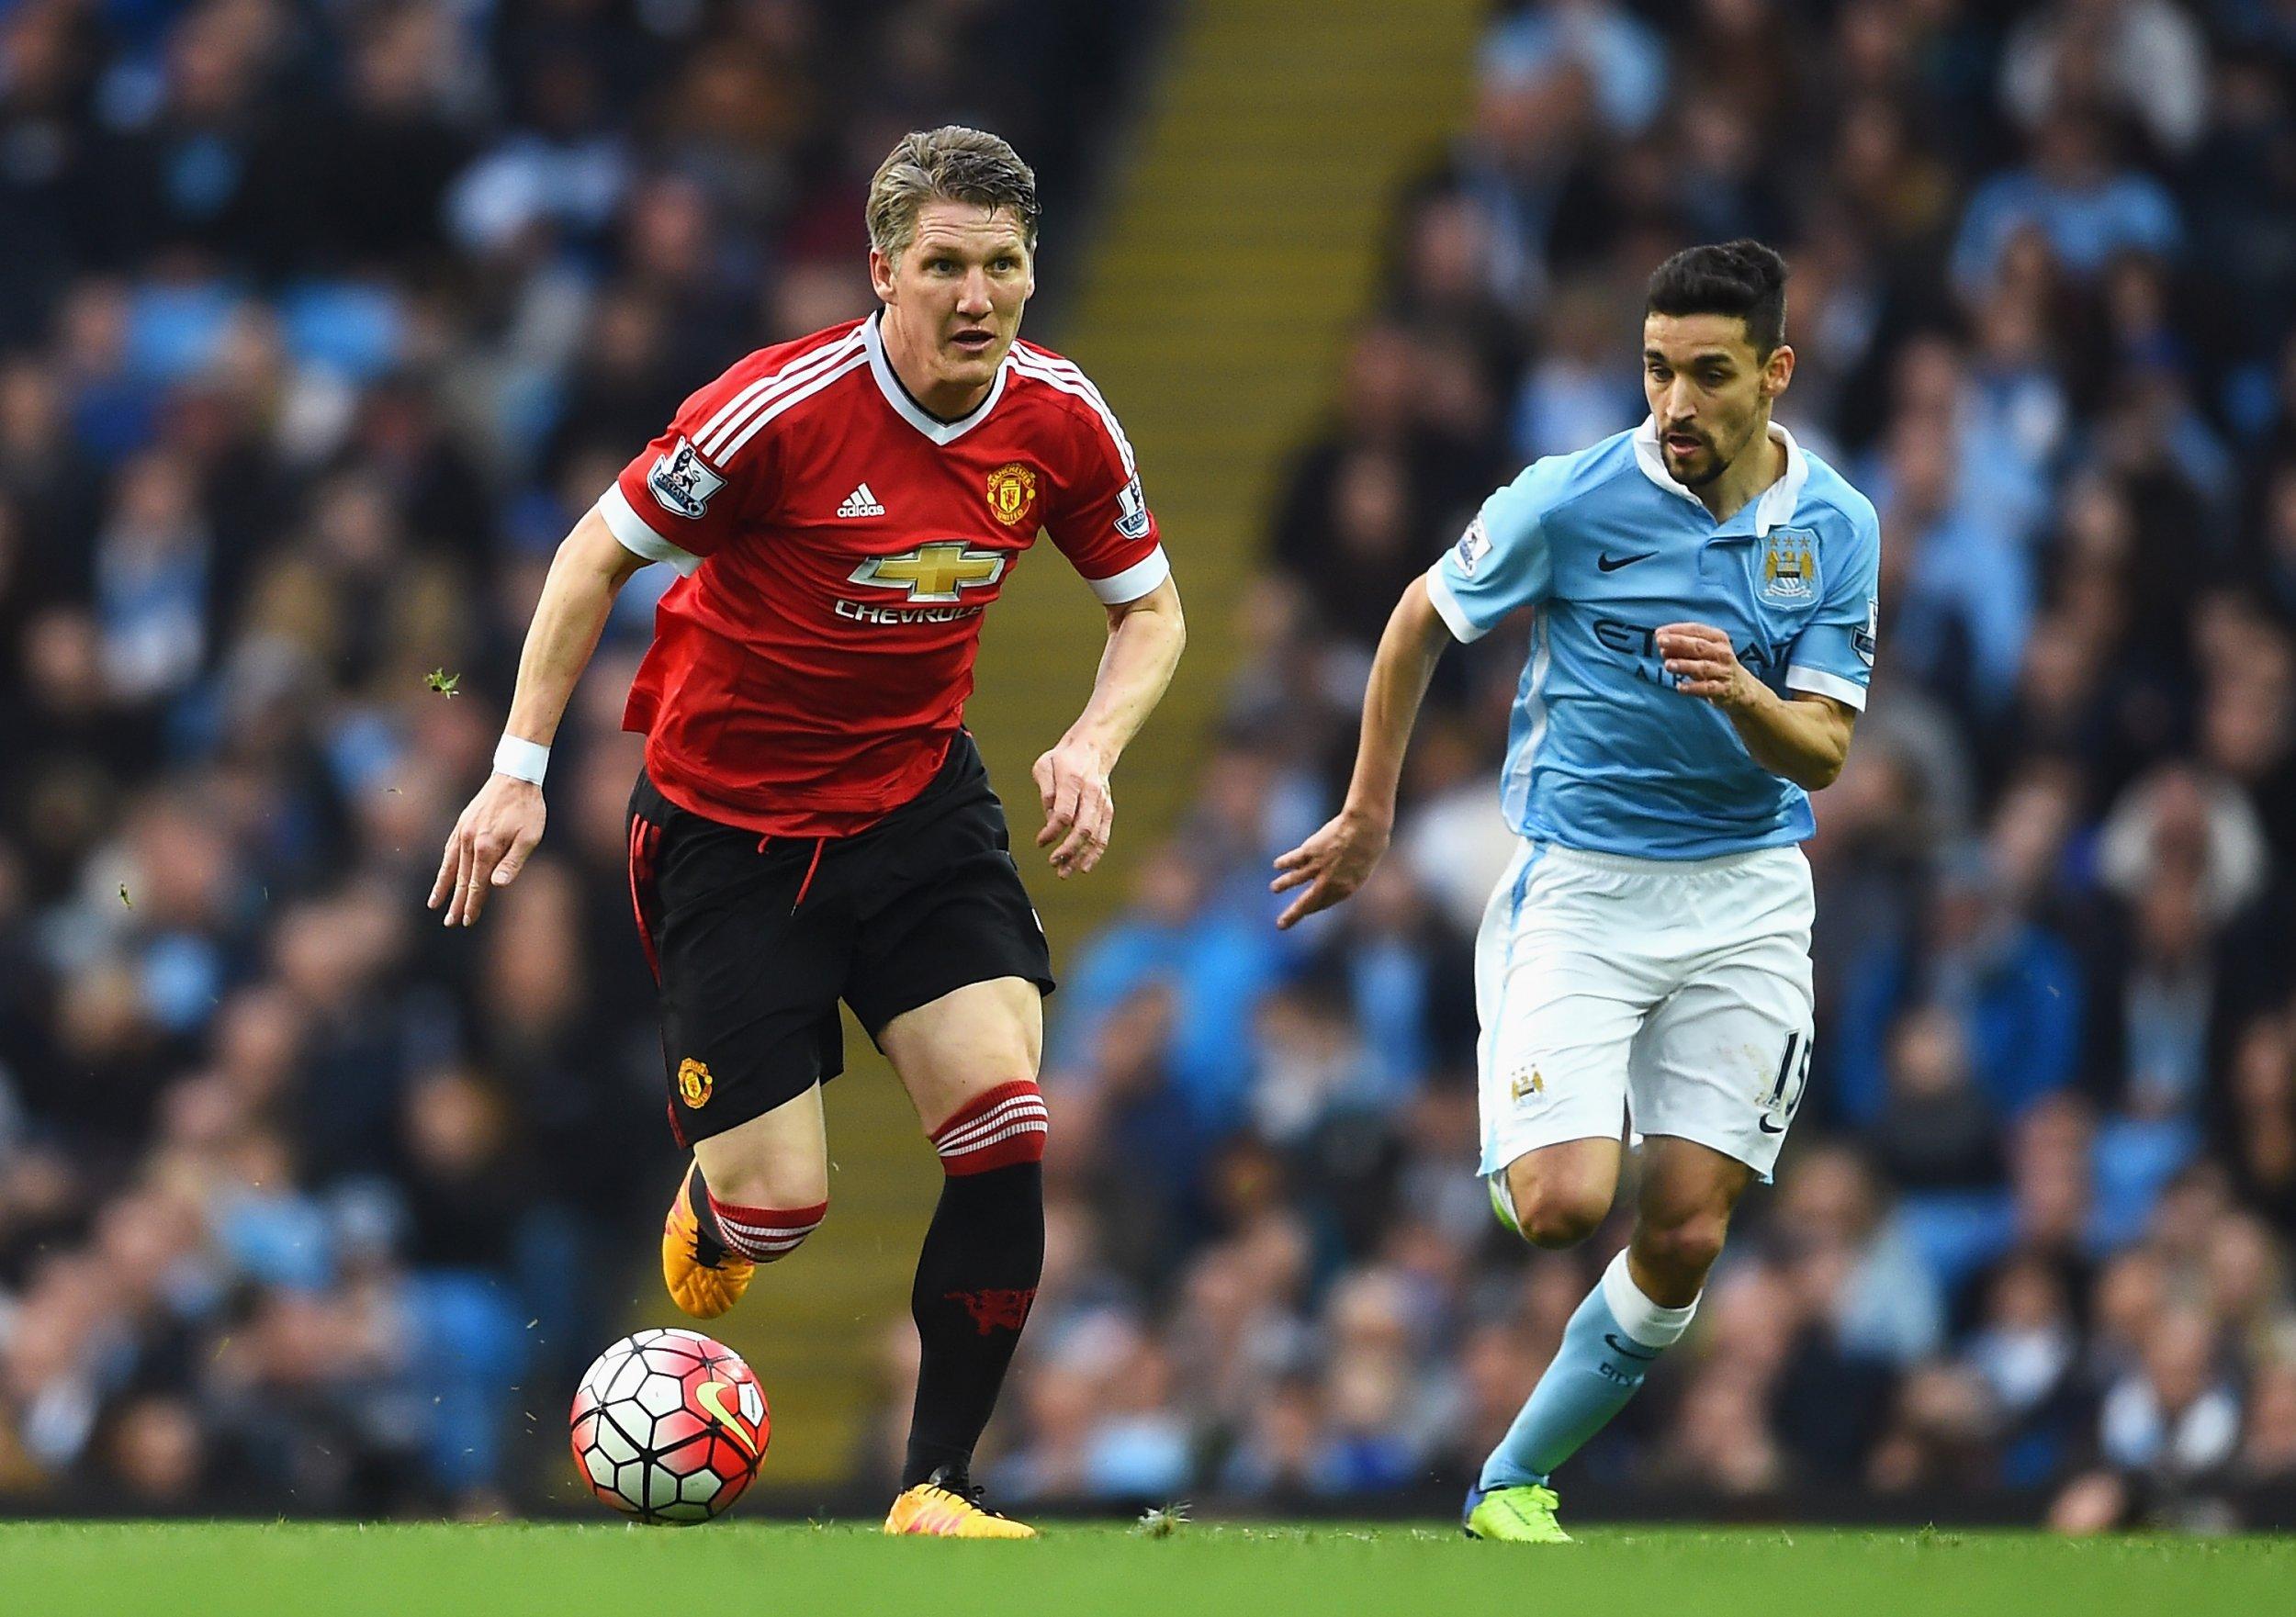 Manchester United midfielder Bastian Schweinsteiger suffered knee ligament damage in Germany training.